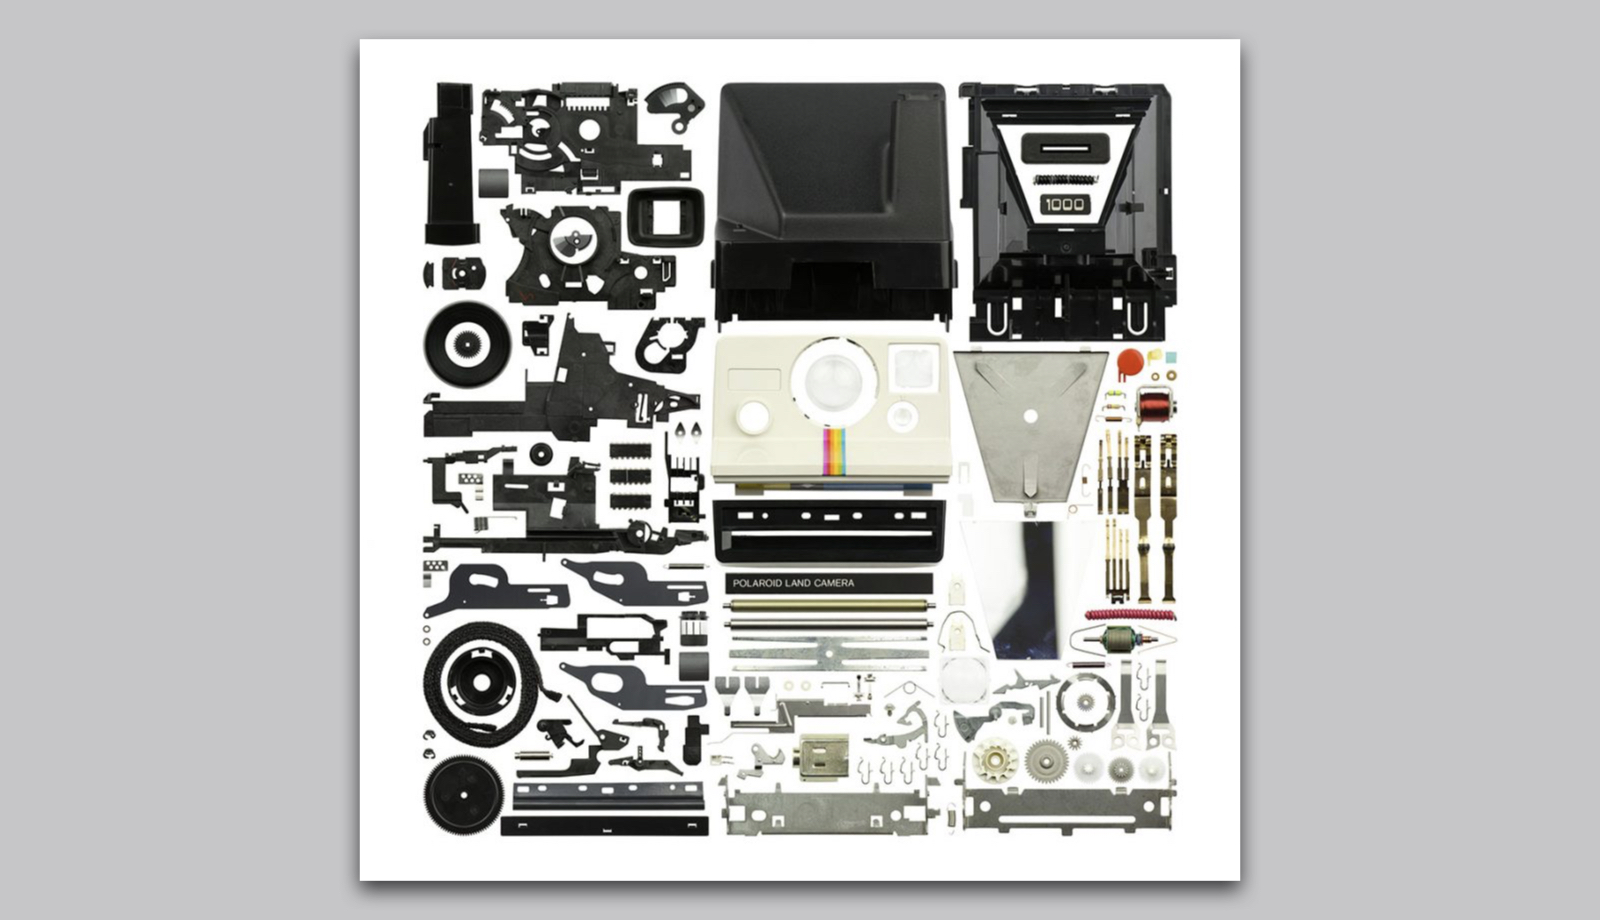 Spot on Design: Ritsch-Ratsch-Klick 4.0